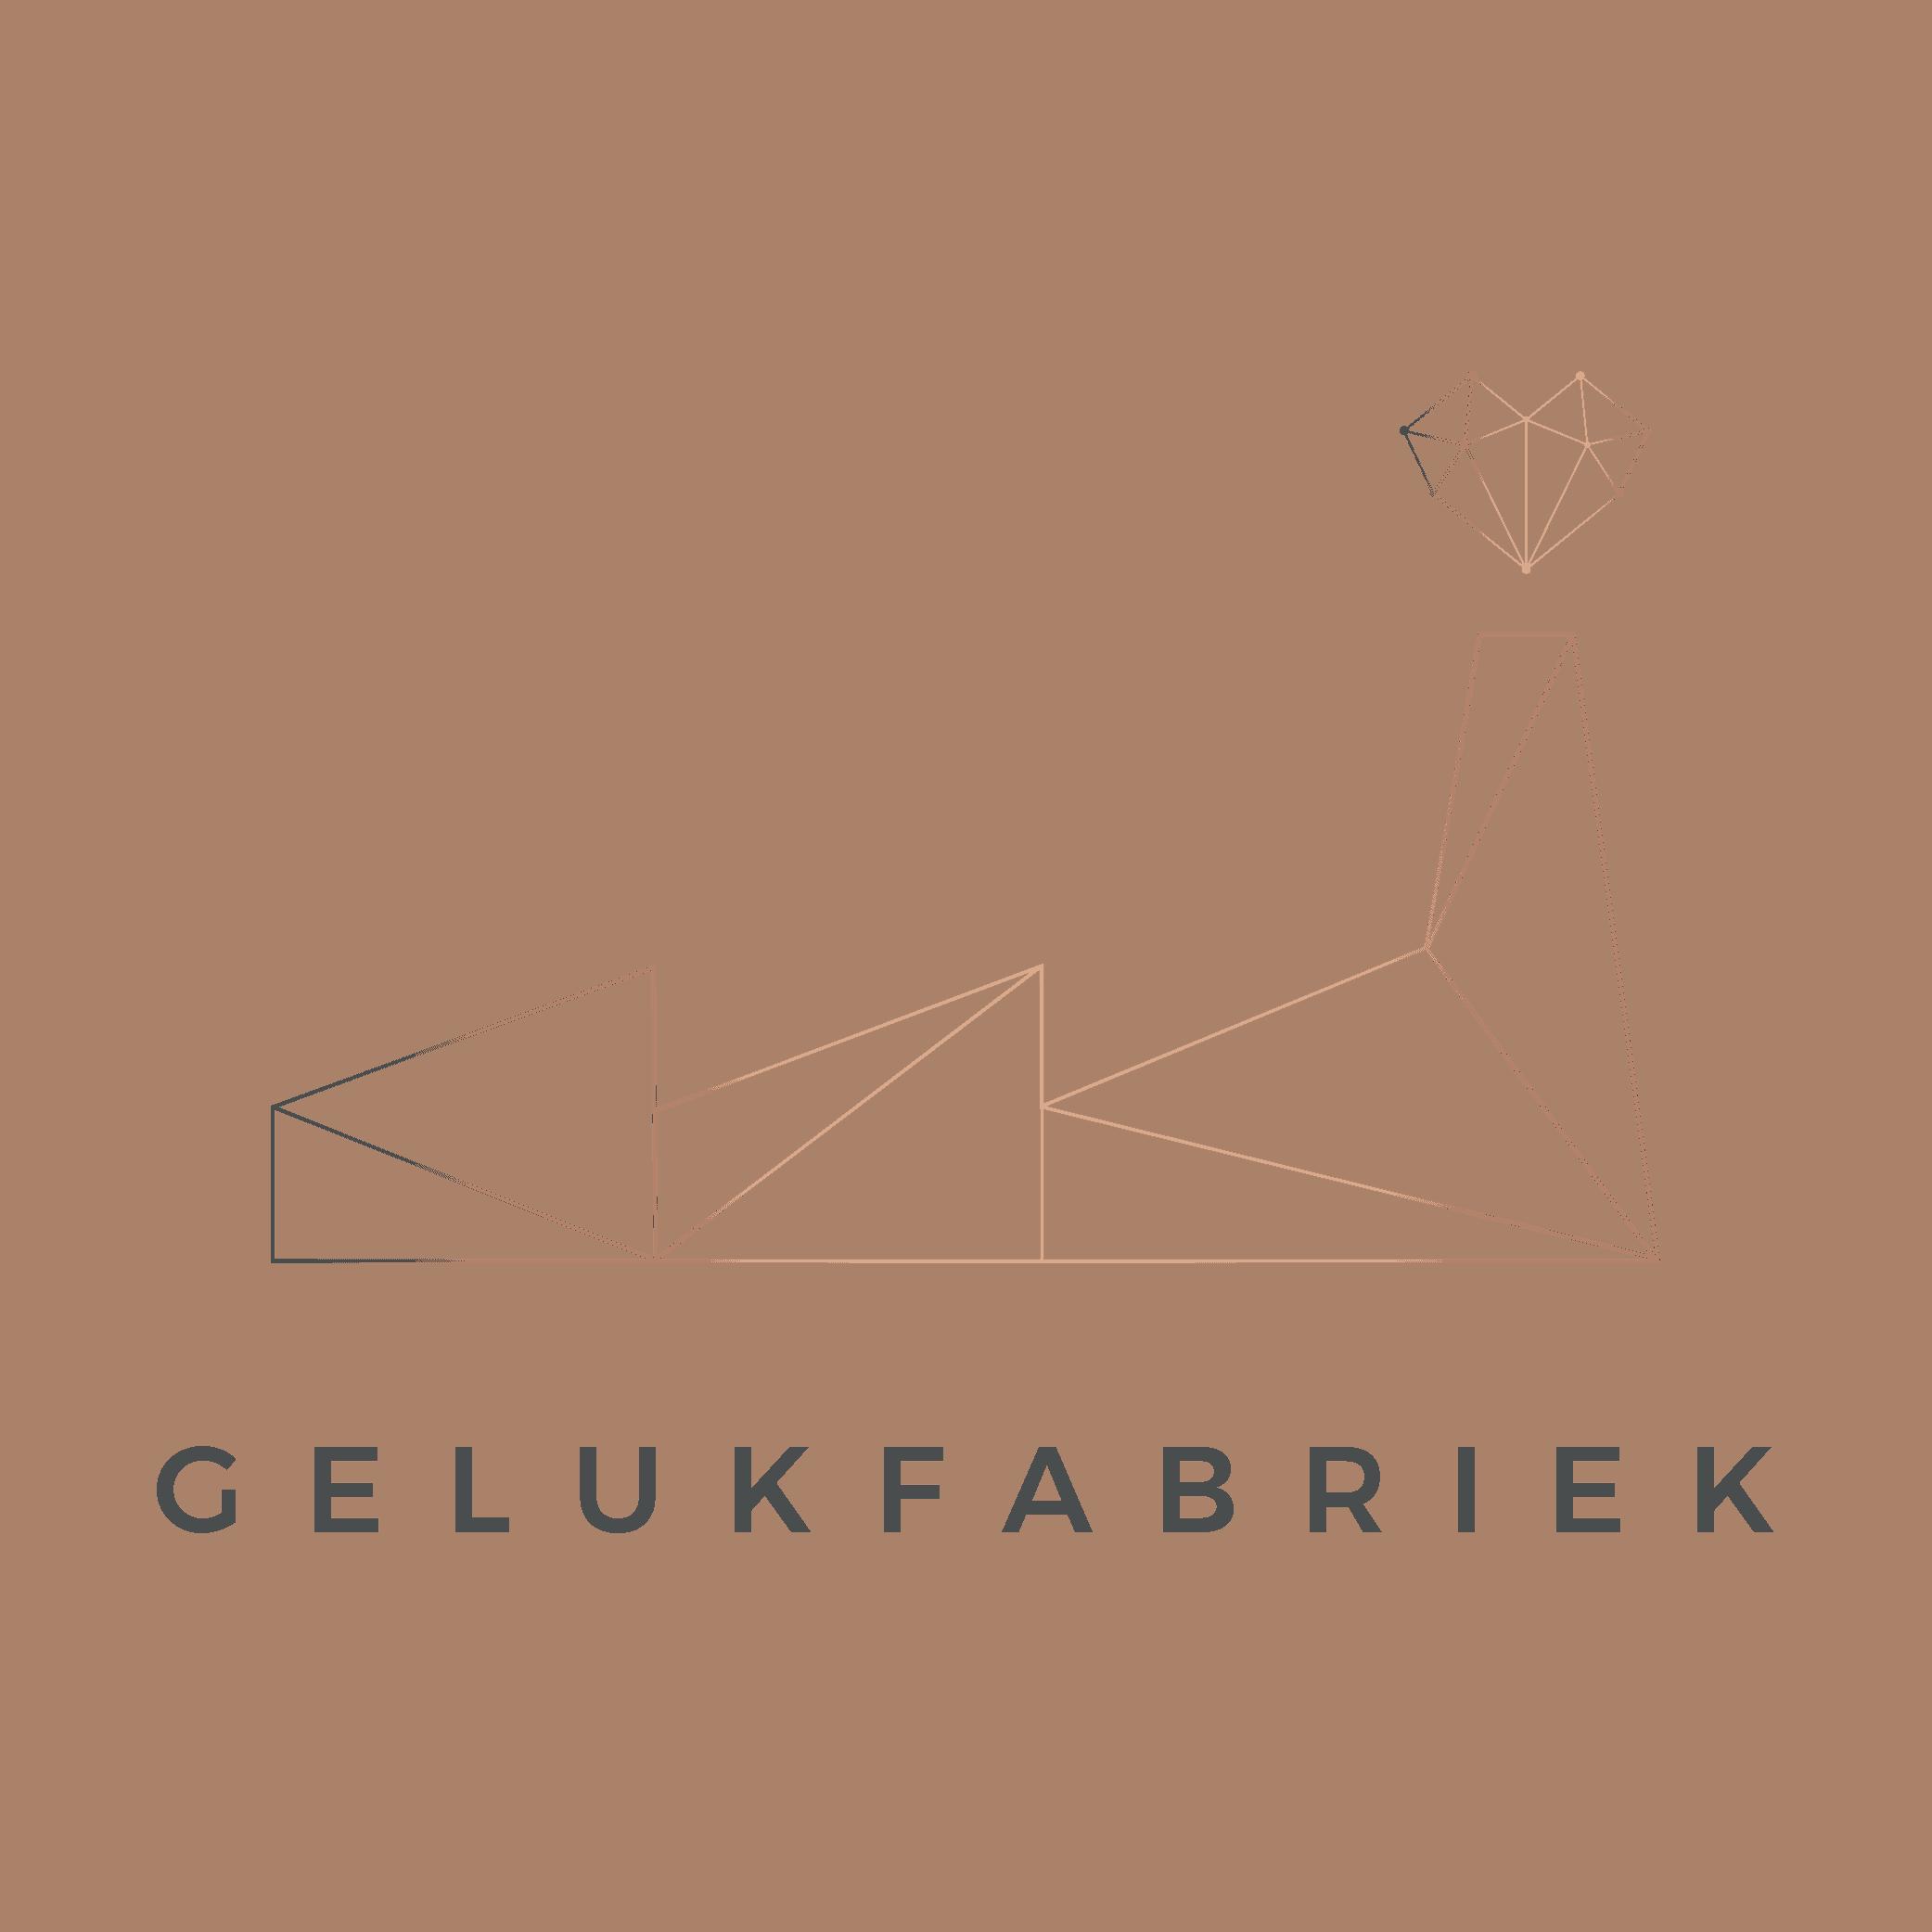 GELUKSFABRIEK_FABRIEK_DIKKERE-LIJNEN